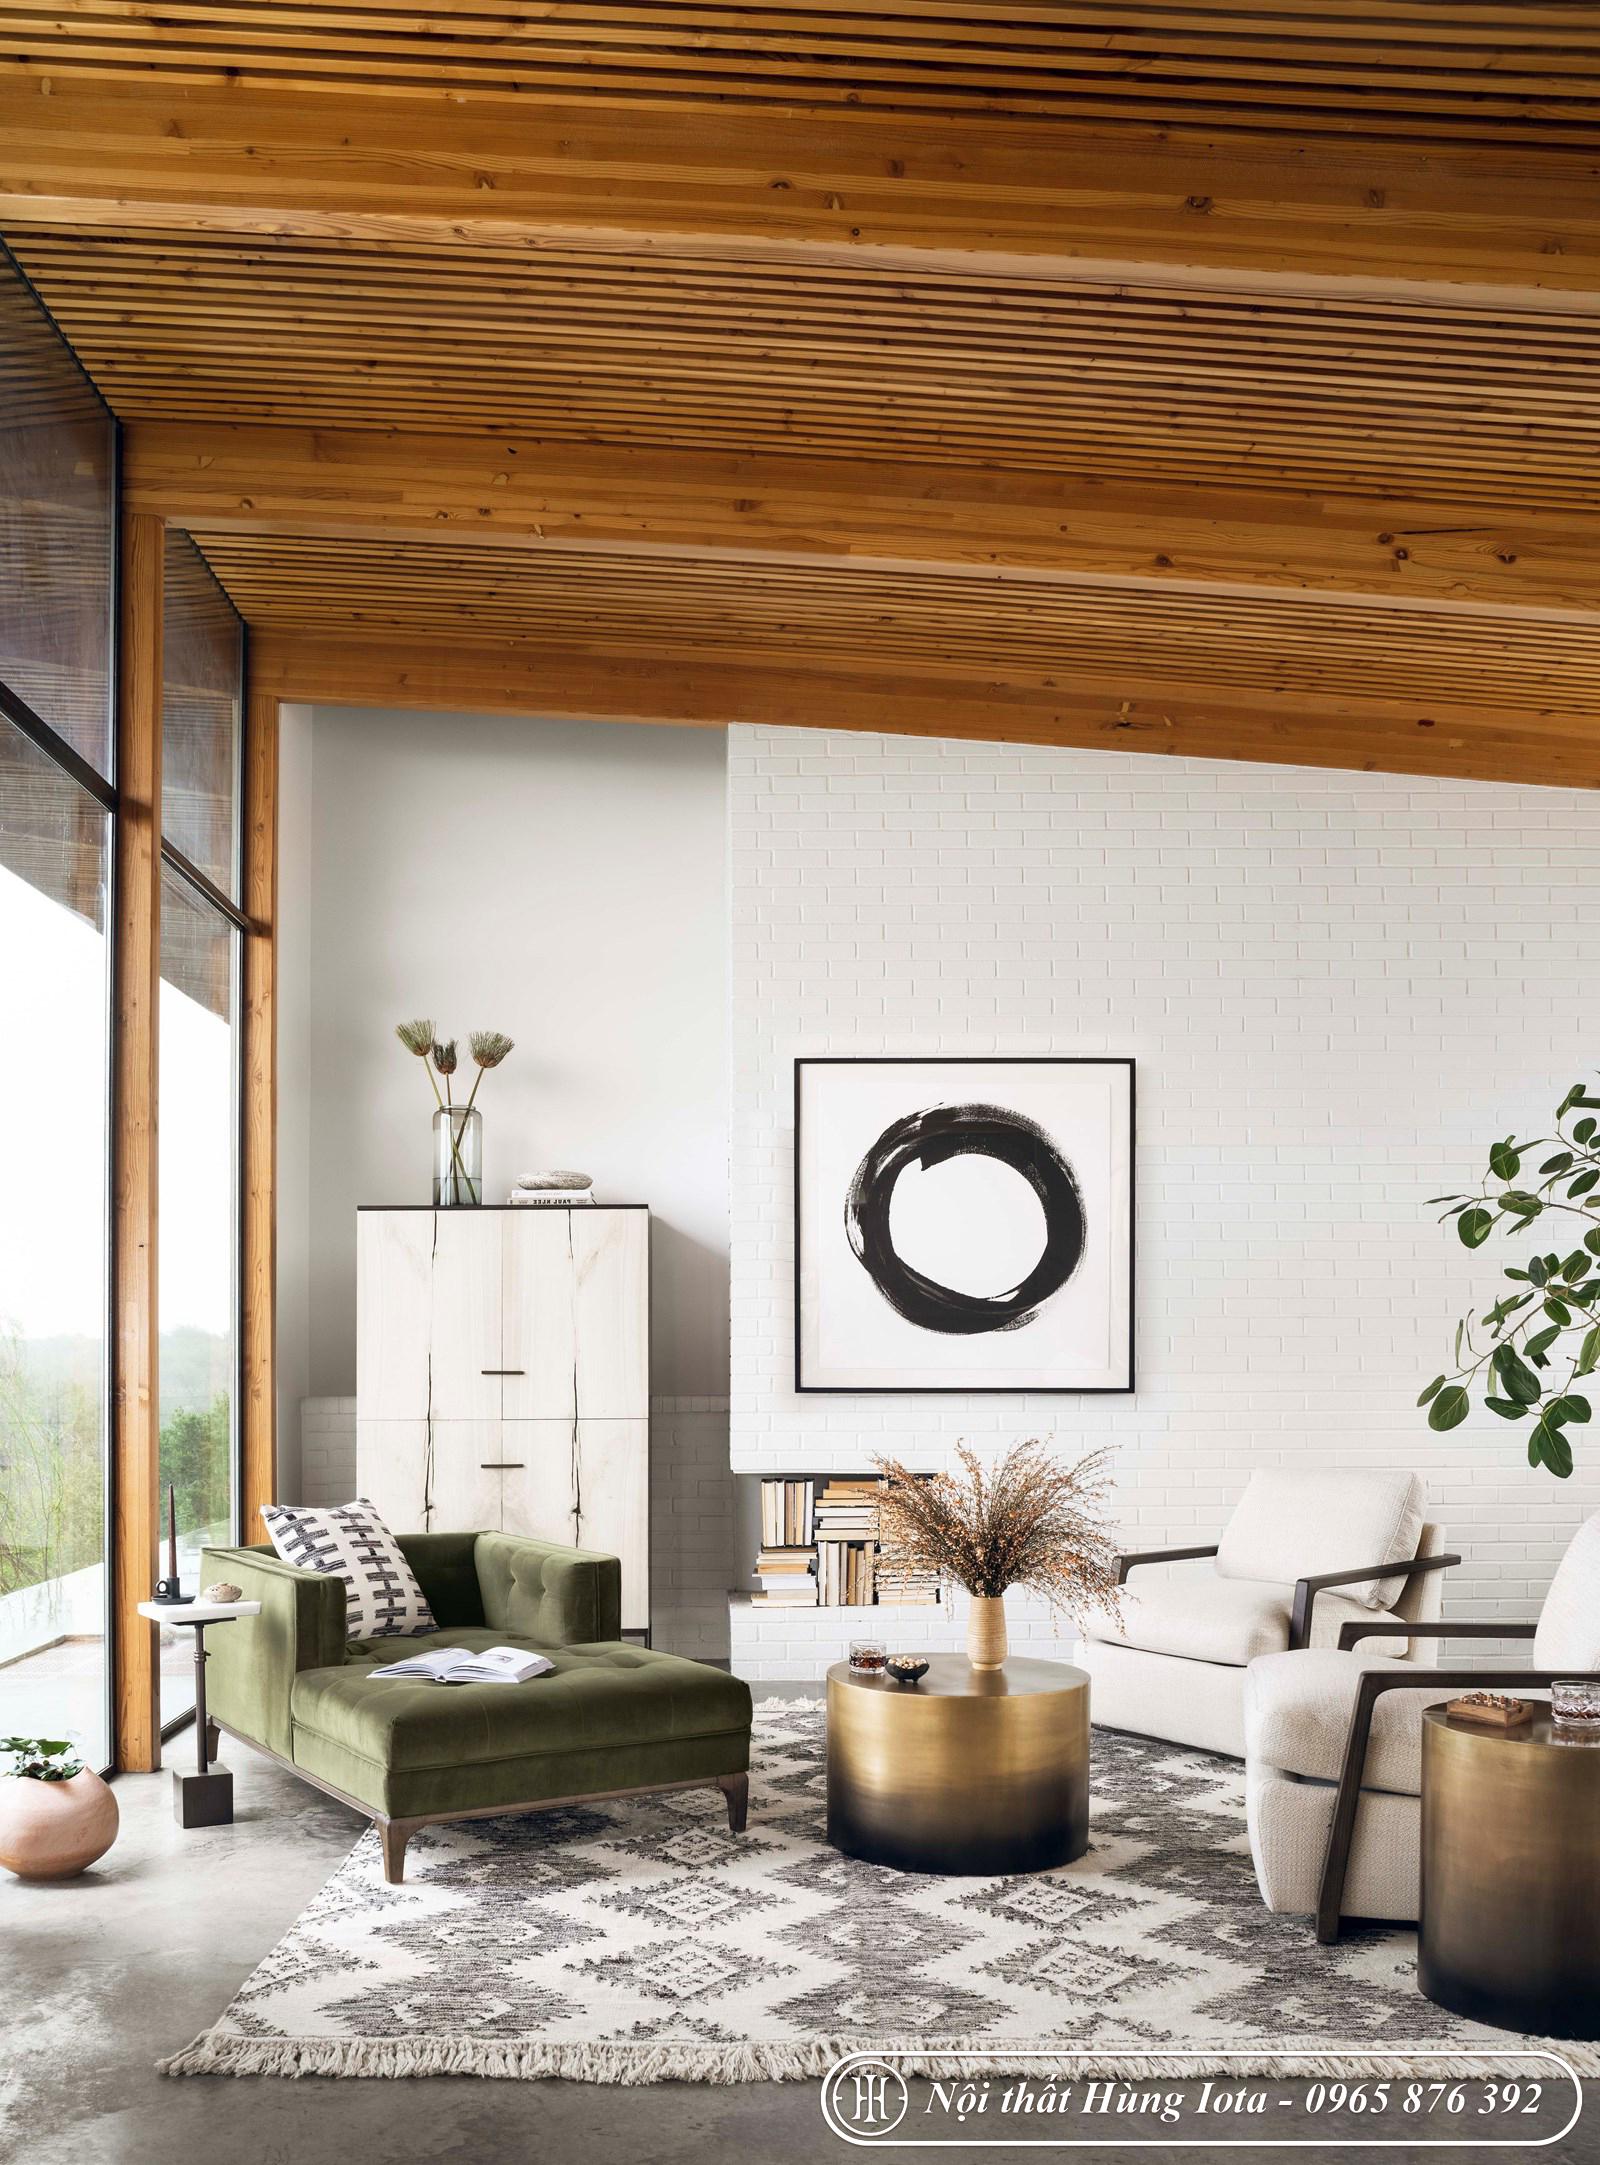 Sofa nằm - ngồi thư giãn cho chung cư gia đình đẹp giá rẻ